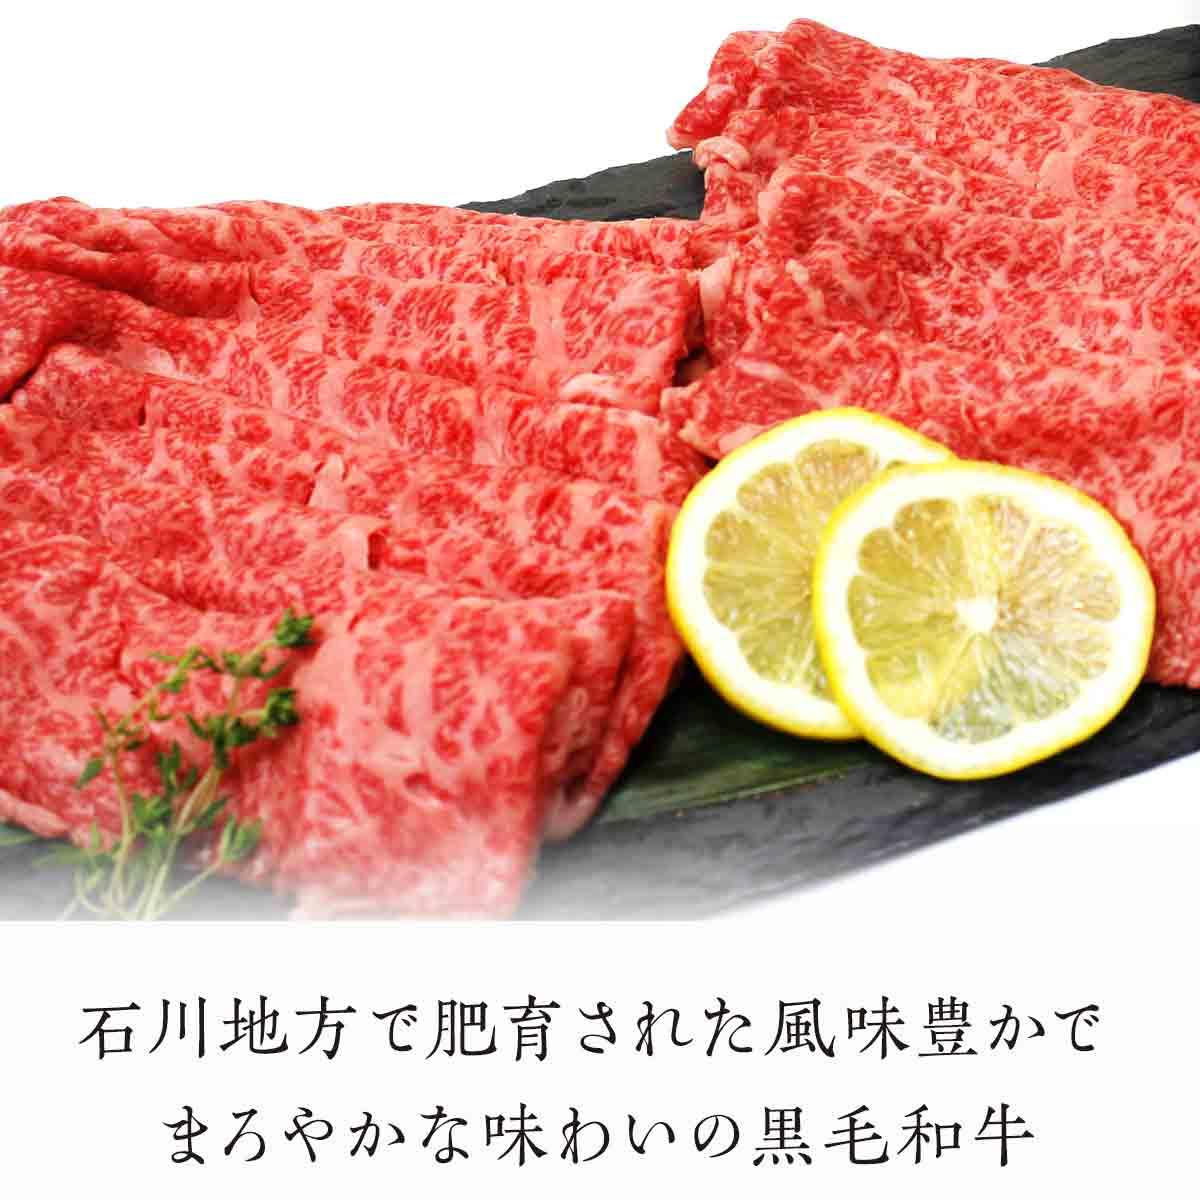 「いしかわ牛」または「福島牛」 和牛ロース肉 500gすき焼き用